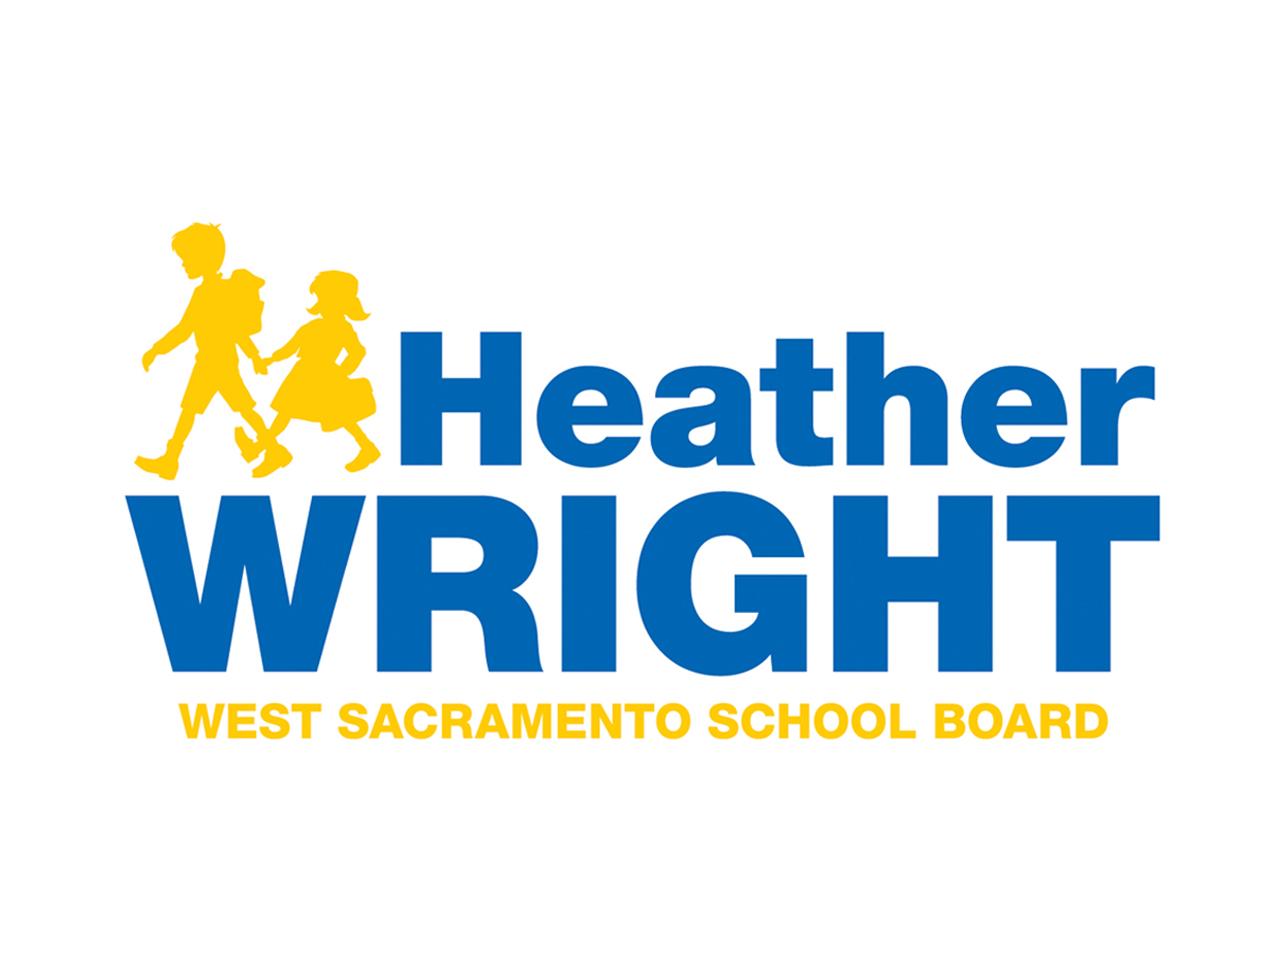 Design my campaign logo